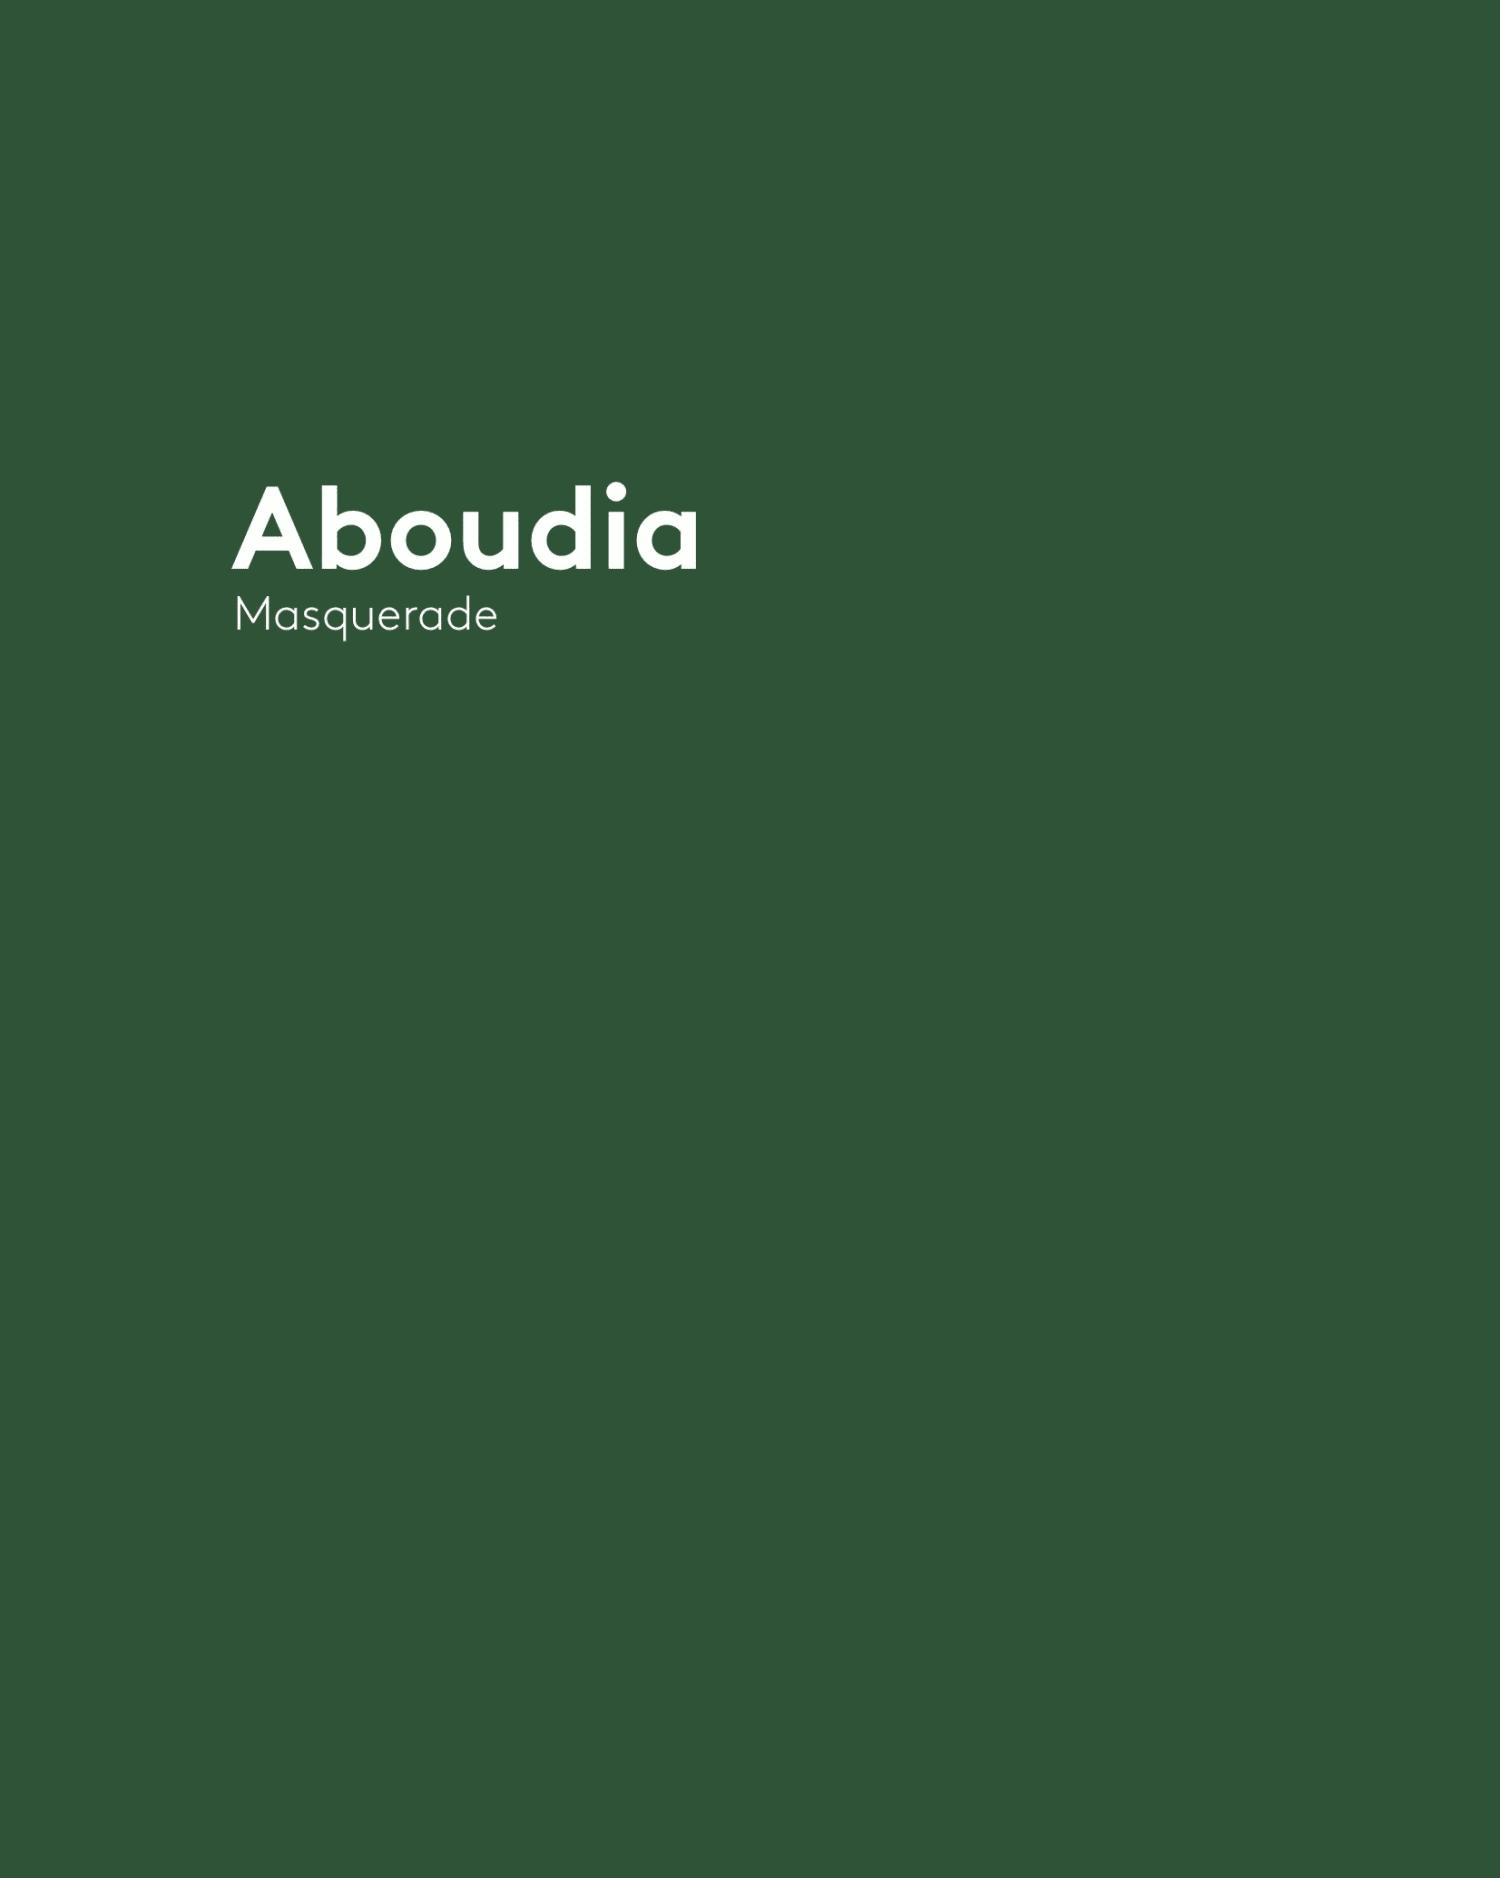 Aboudia - Masquerade